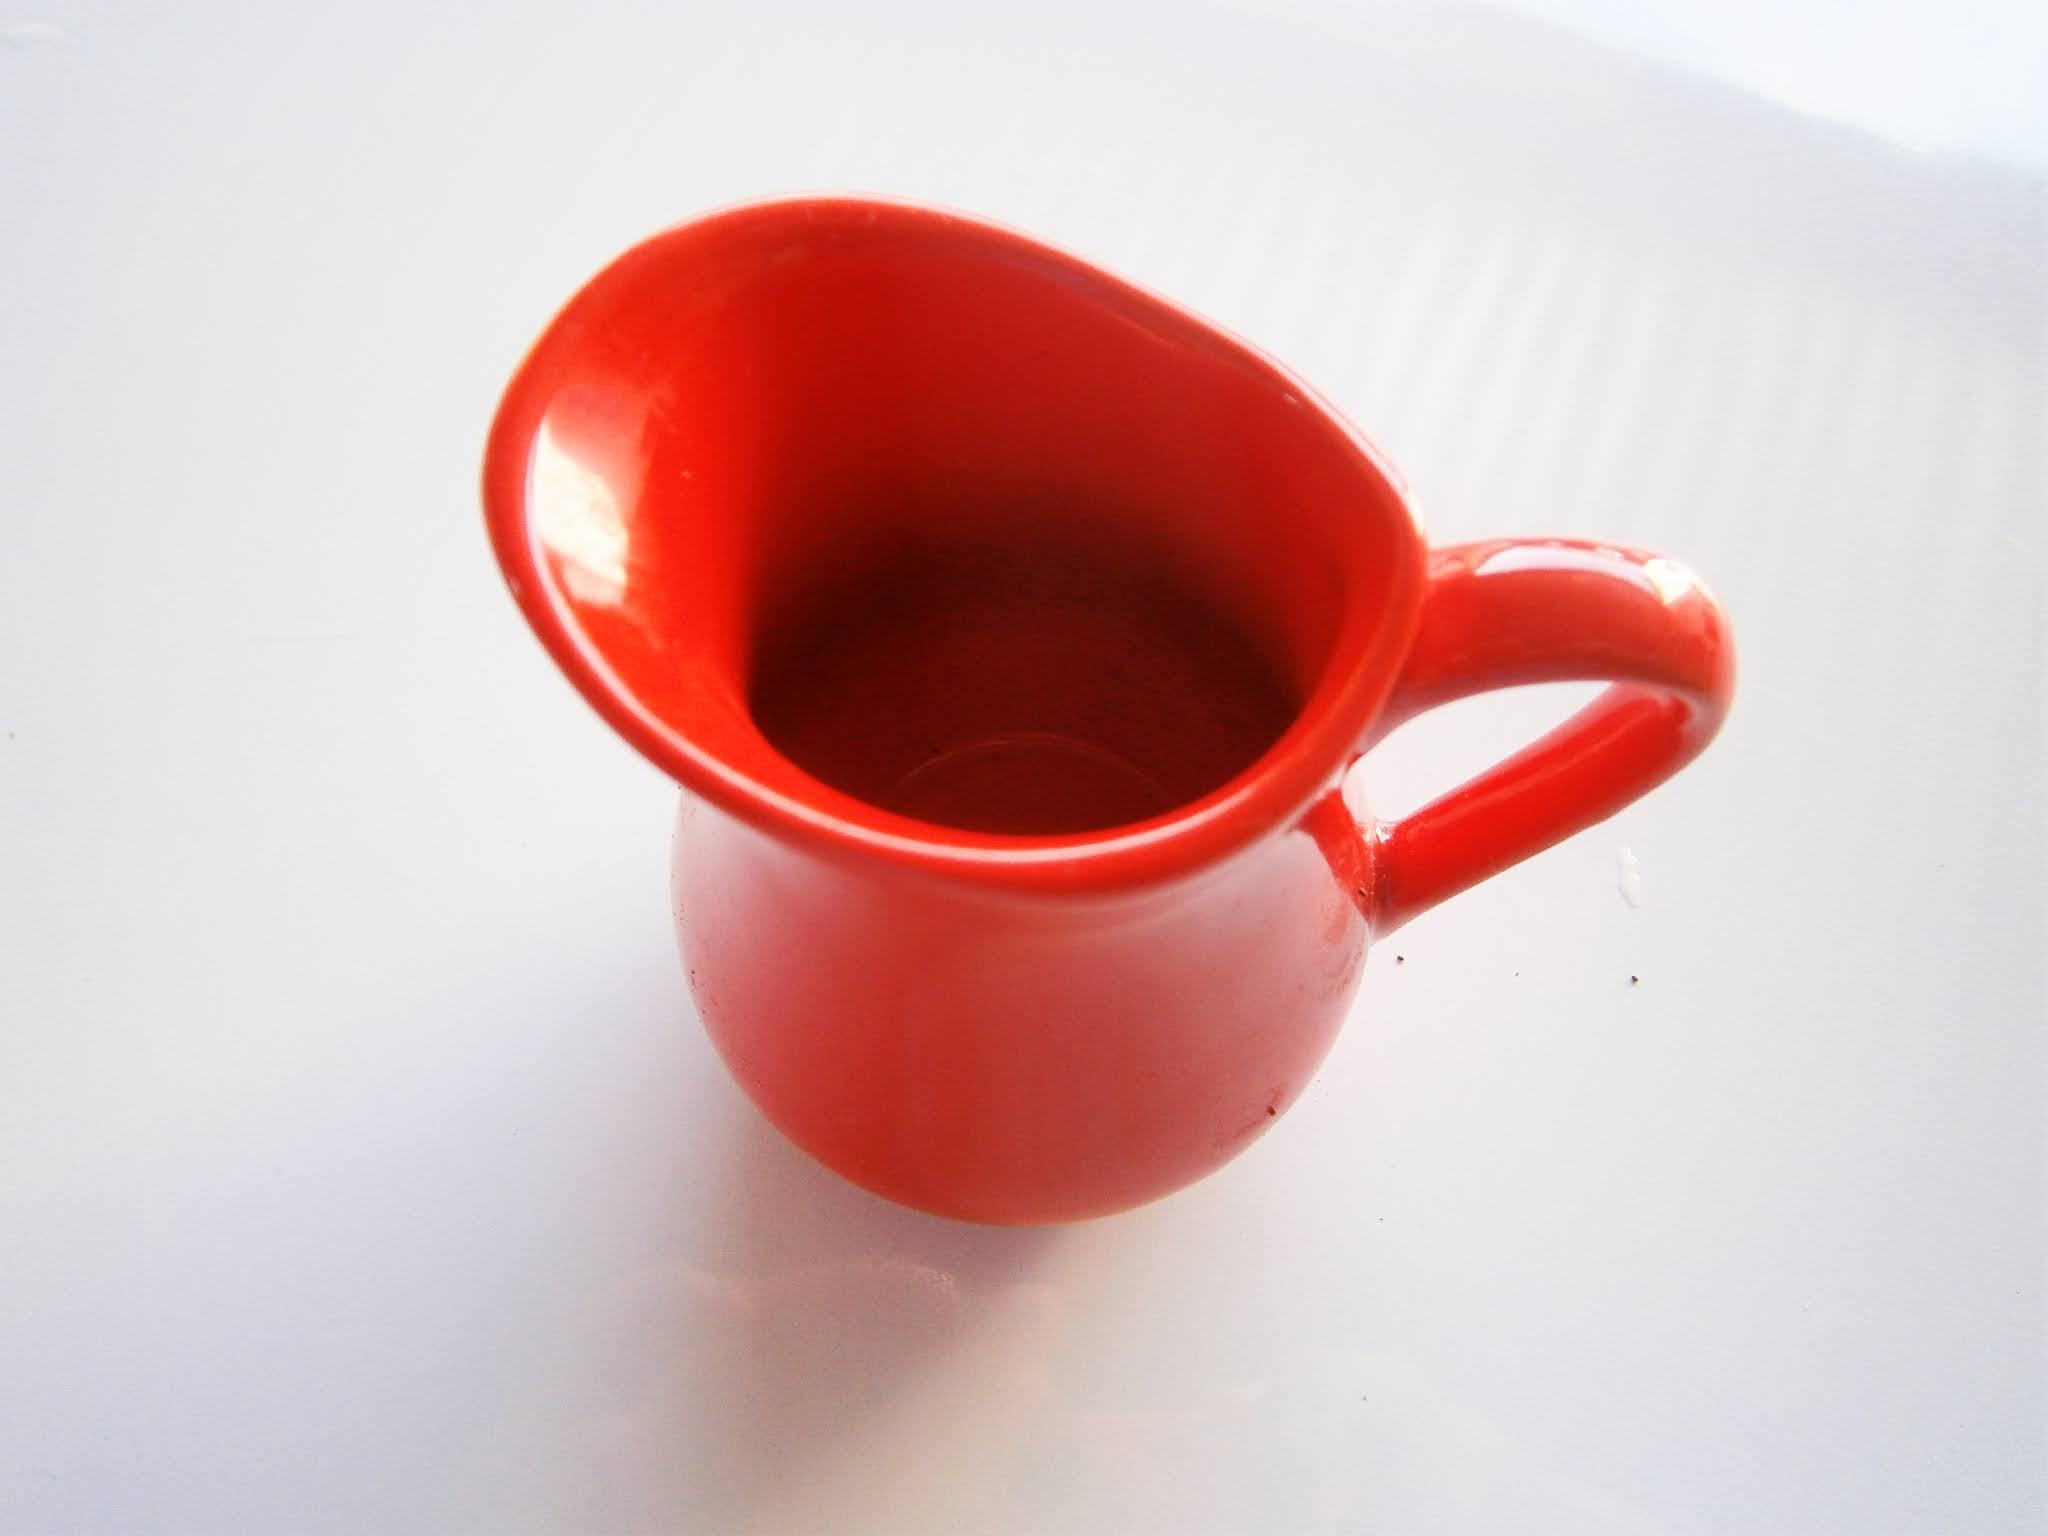 Jarra pequeña de color rojo puesto sobre un fondo de color blanco